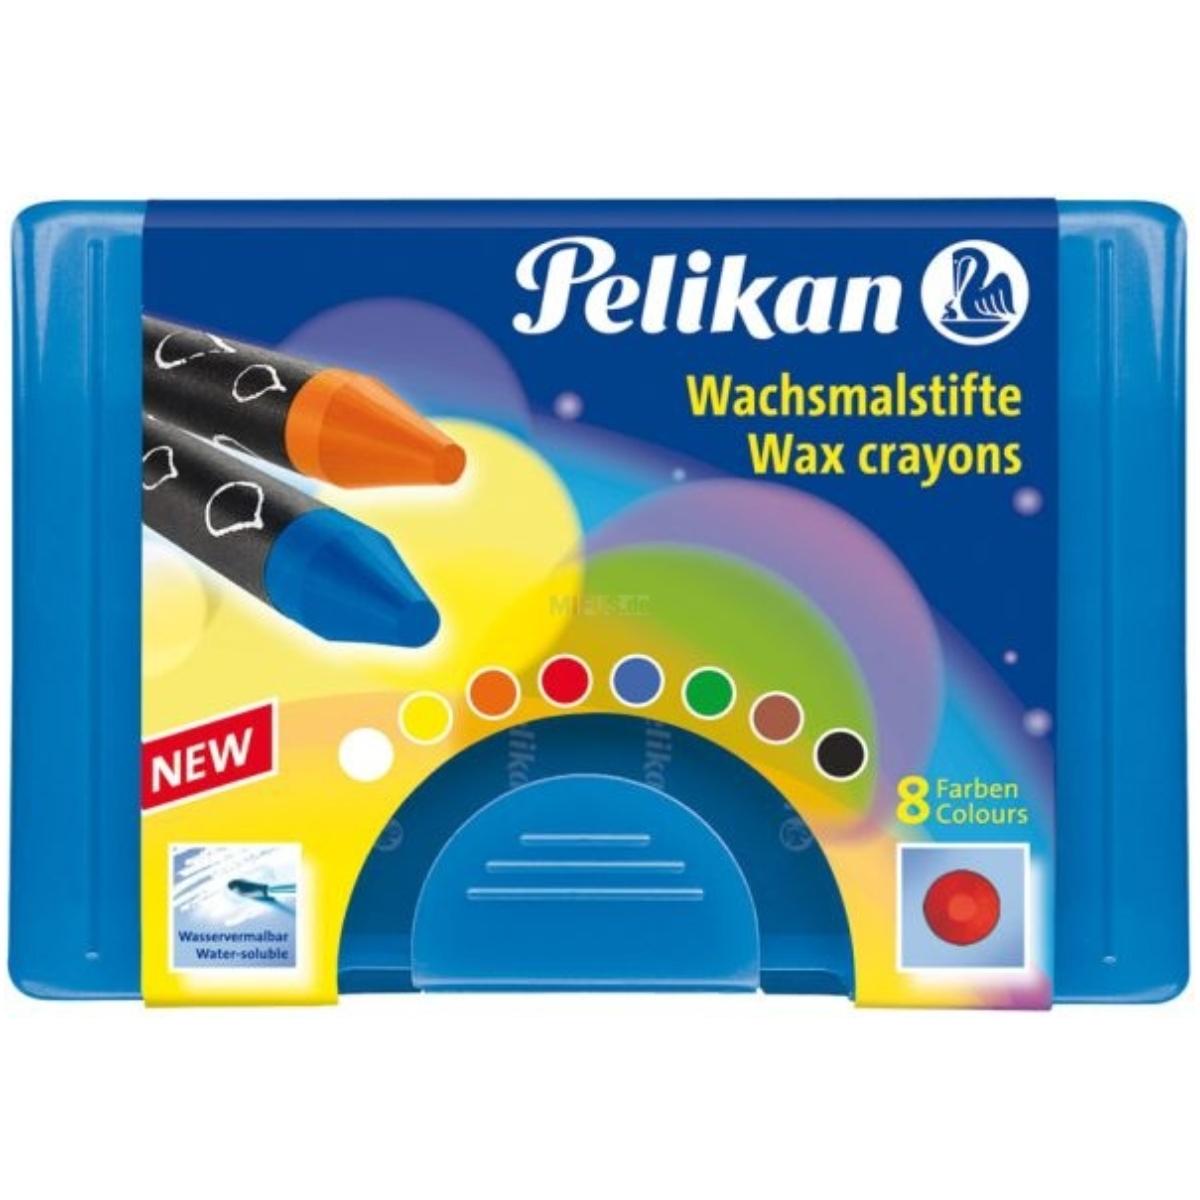 Pelikan Wachsmalstifte rund und wasservermalbar